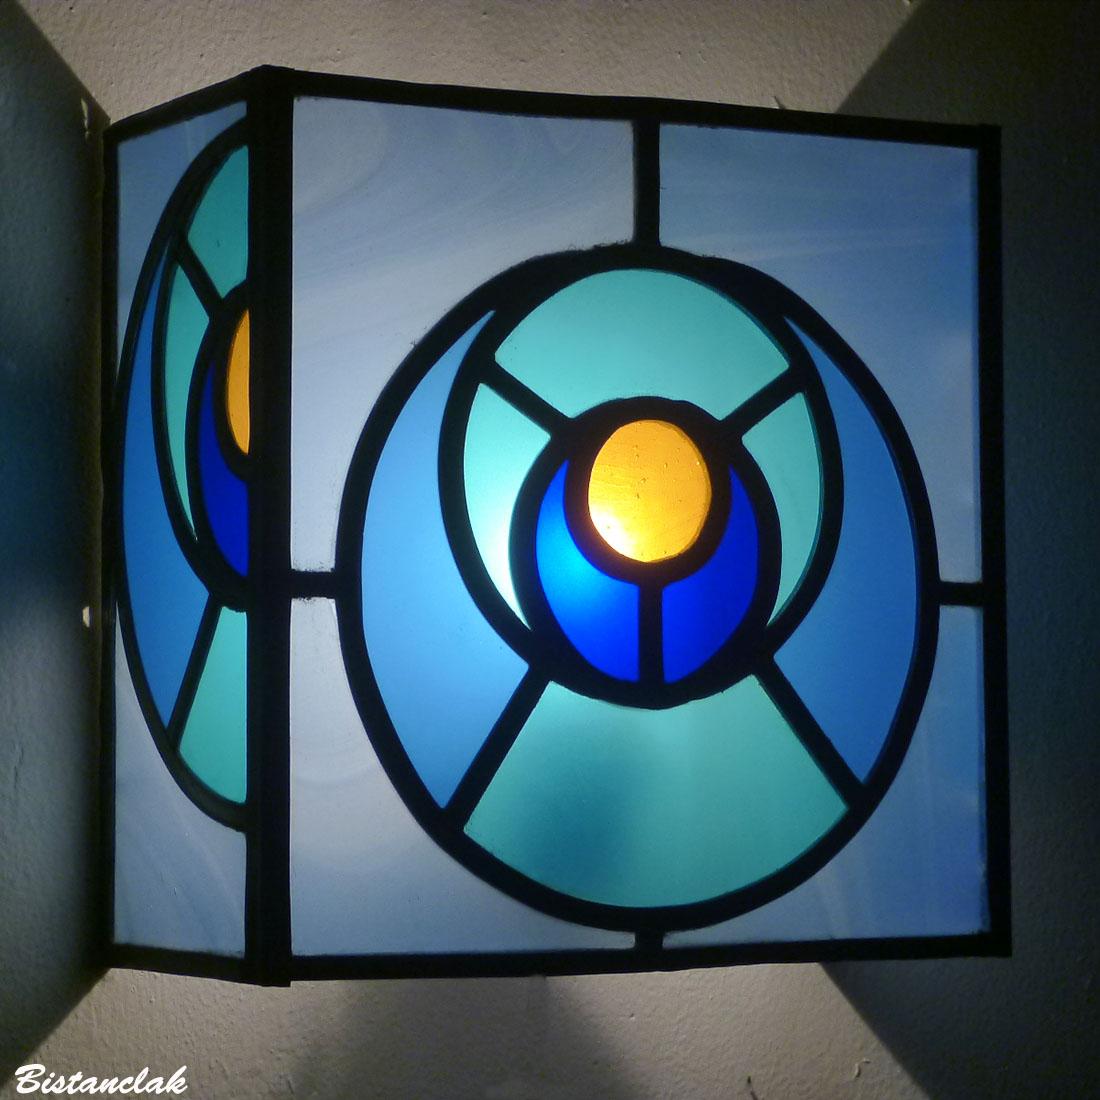 applique vitrail rectangle bleu, turquoise et orange motif géométrique arc-de-cercle